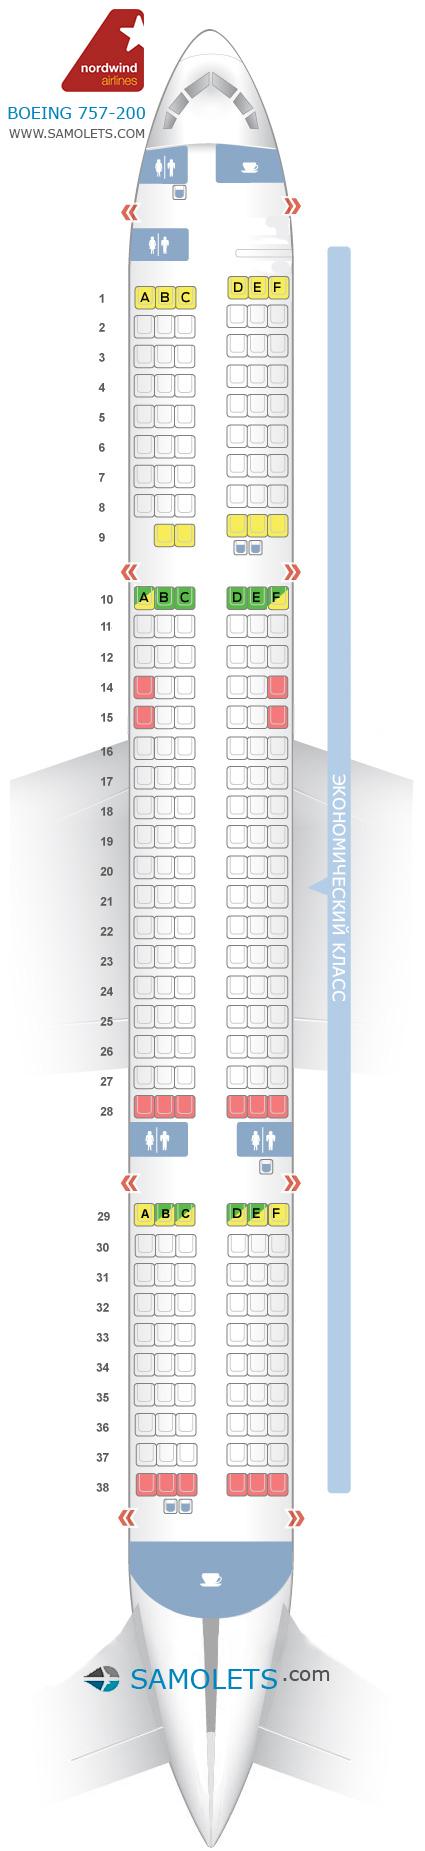 Схема салона Boeing 757-200 Северный ветер